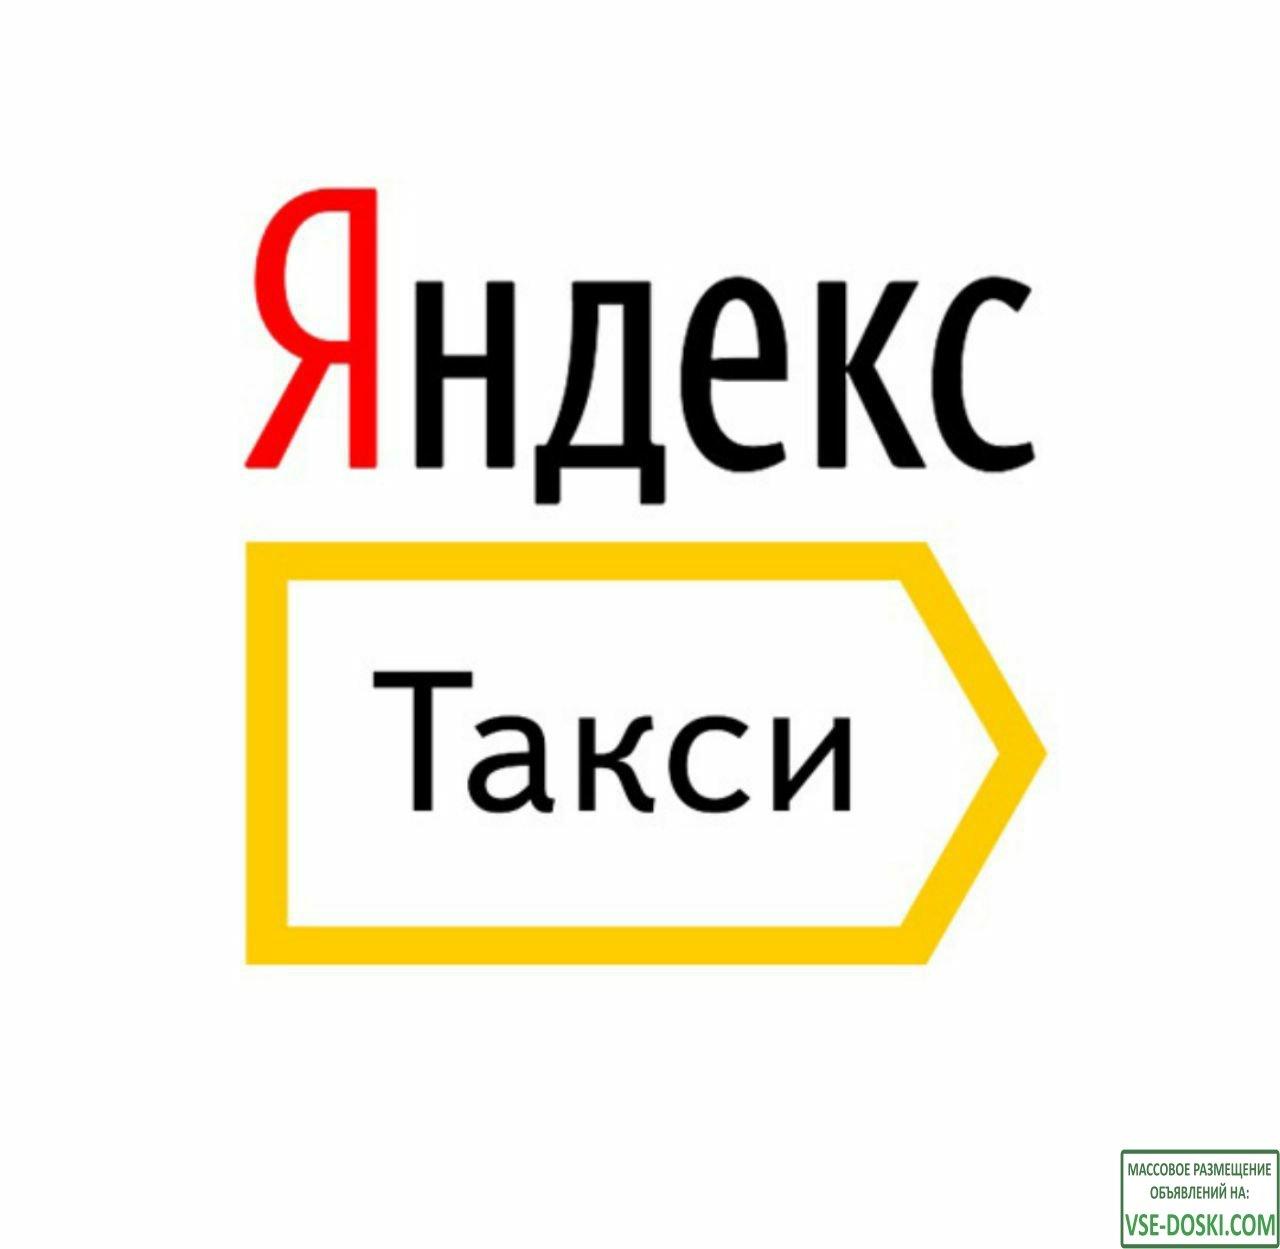 Яндекс Такси до 120.000 рублей в месяц